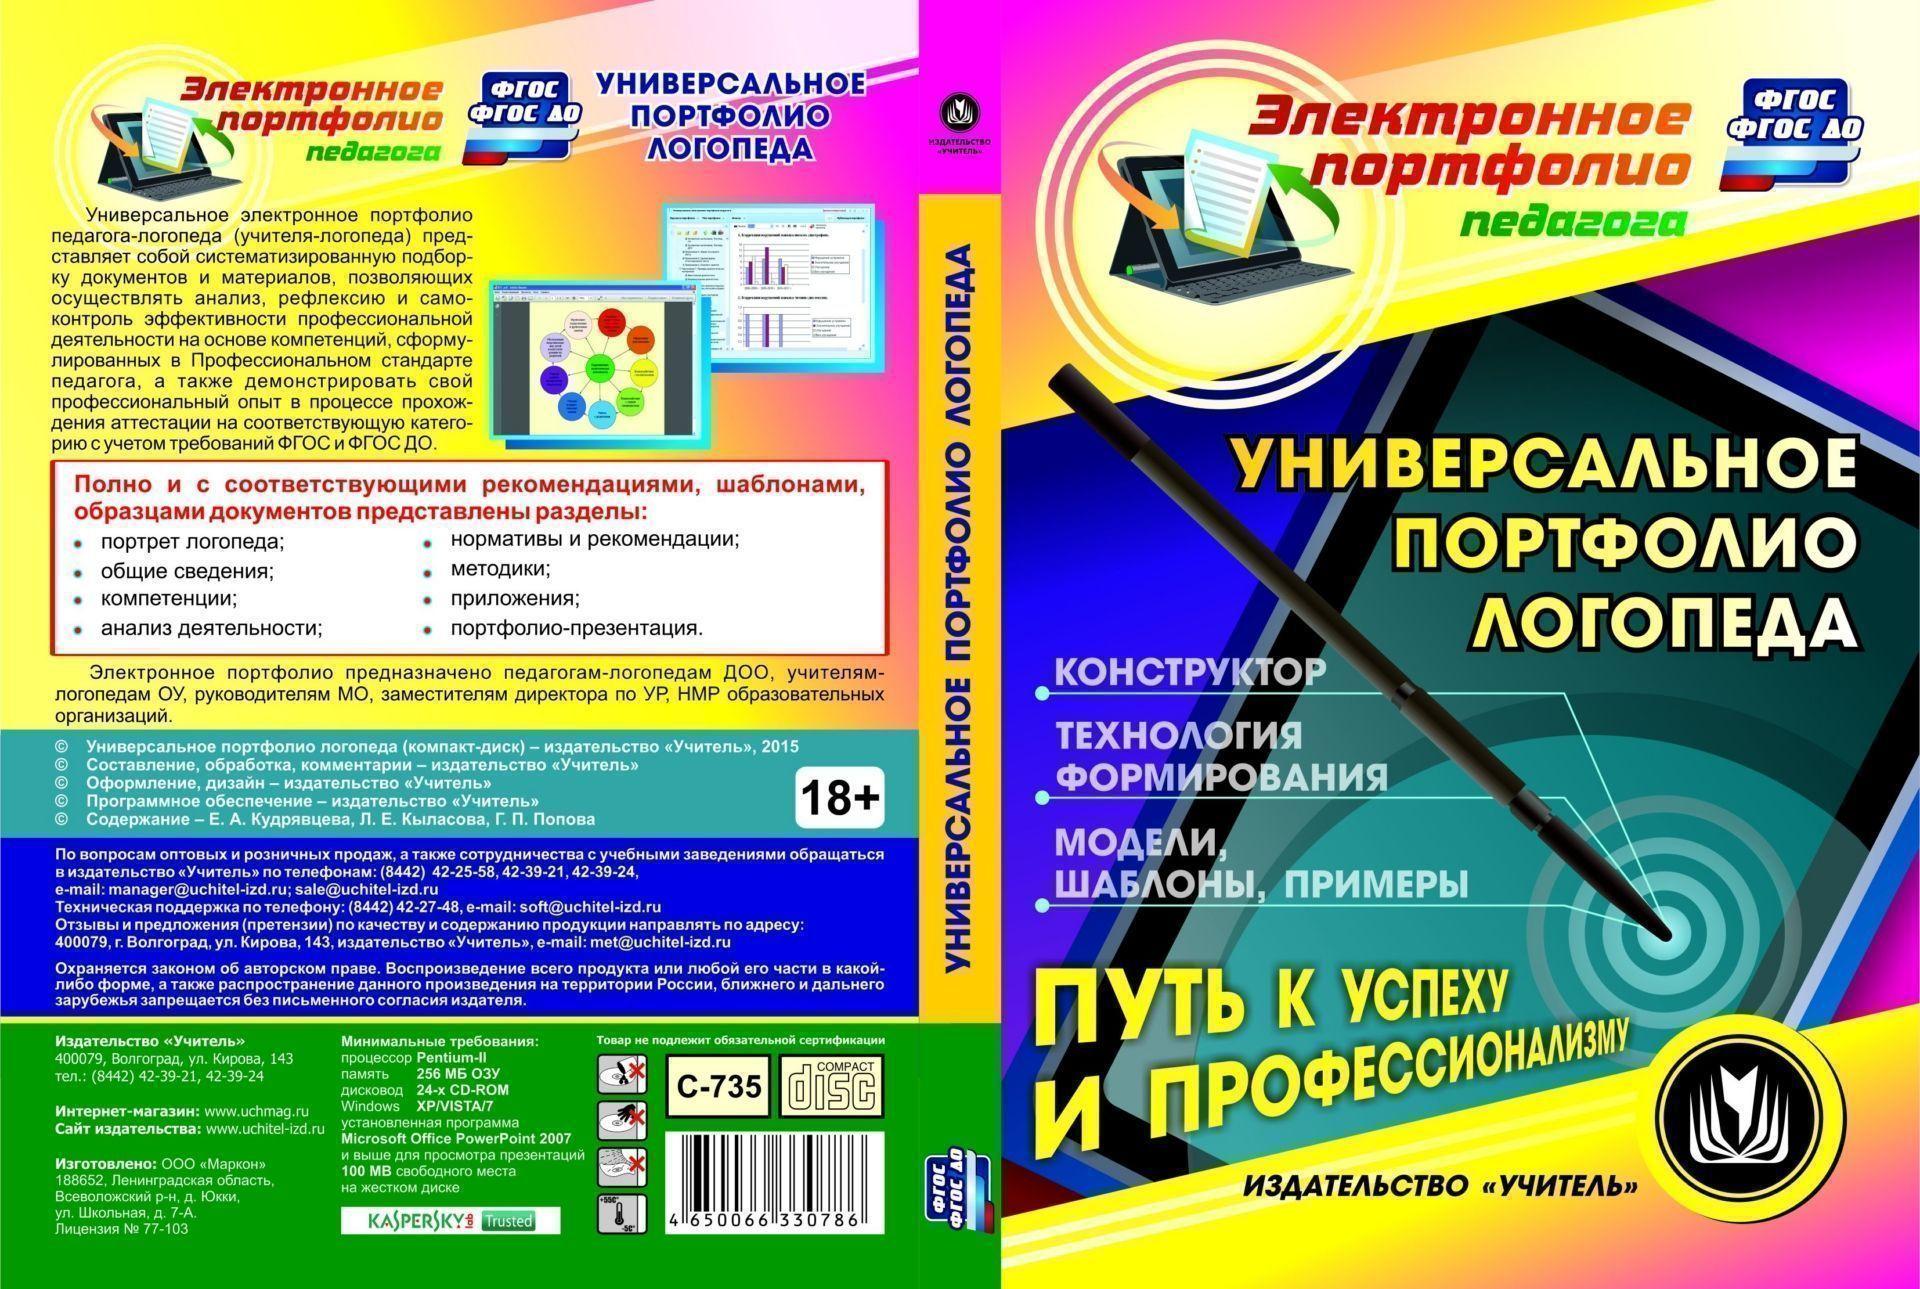 Купить со скидкой Универсальное портфолио логопеда. Компакт-диск для компьютера: Конструктор. Технология формирования.